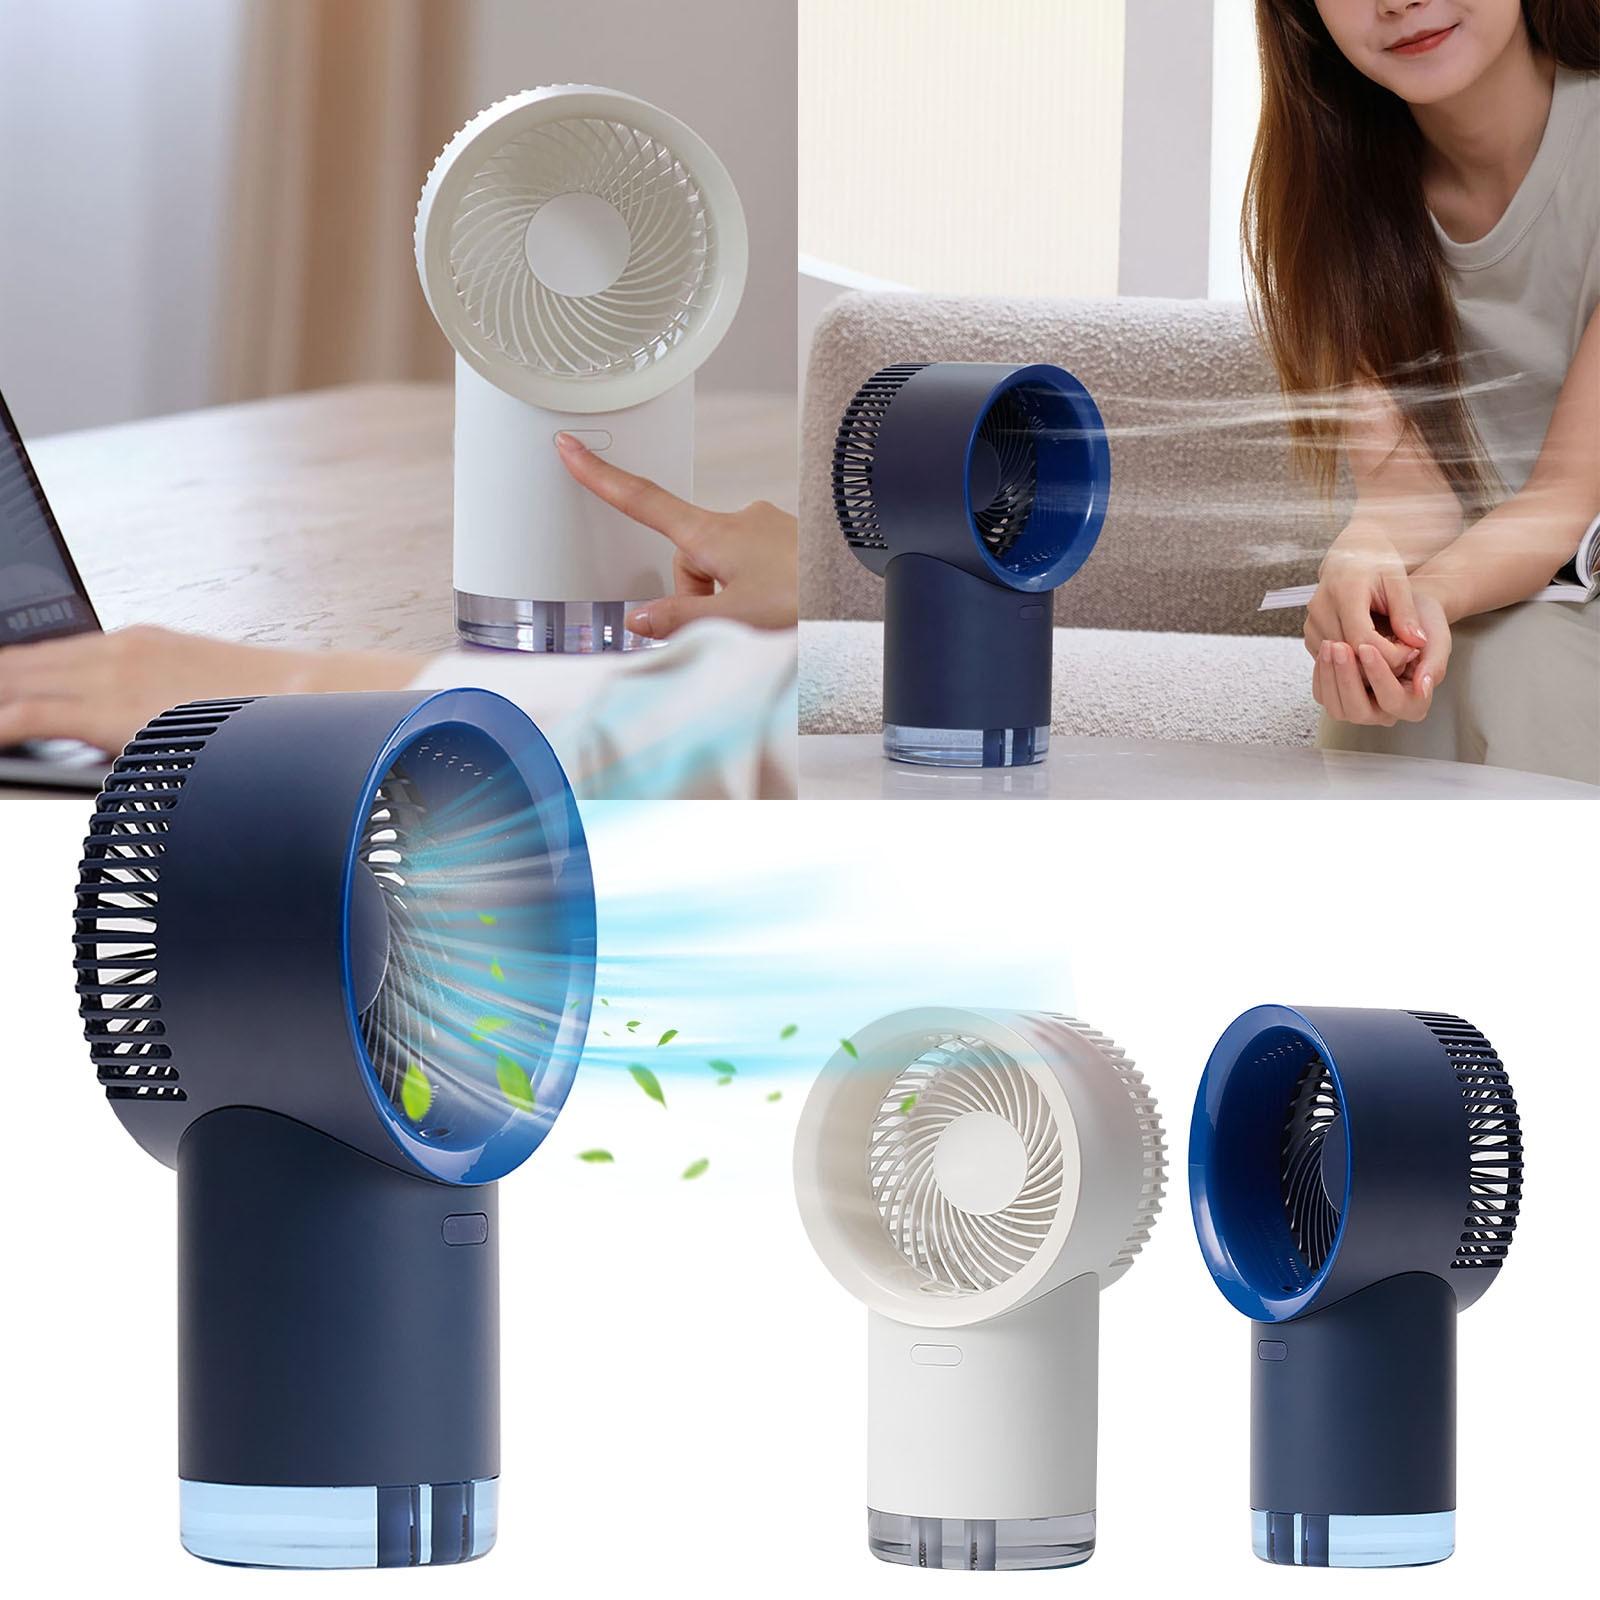 Ventilador de Refrigeração Ventilador de Água Escritório em Casa Novo Portátil Desktop Pequeno Ventilador Spray Usb Mini Frete Grátis 2021